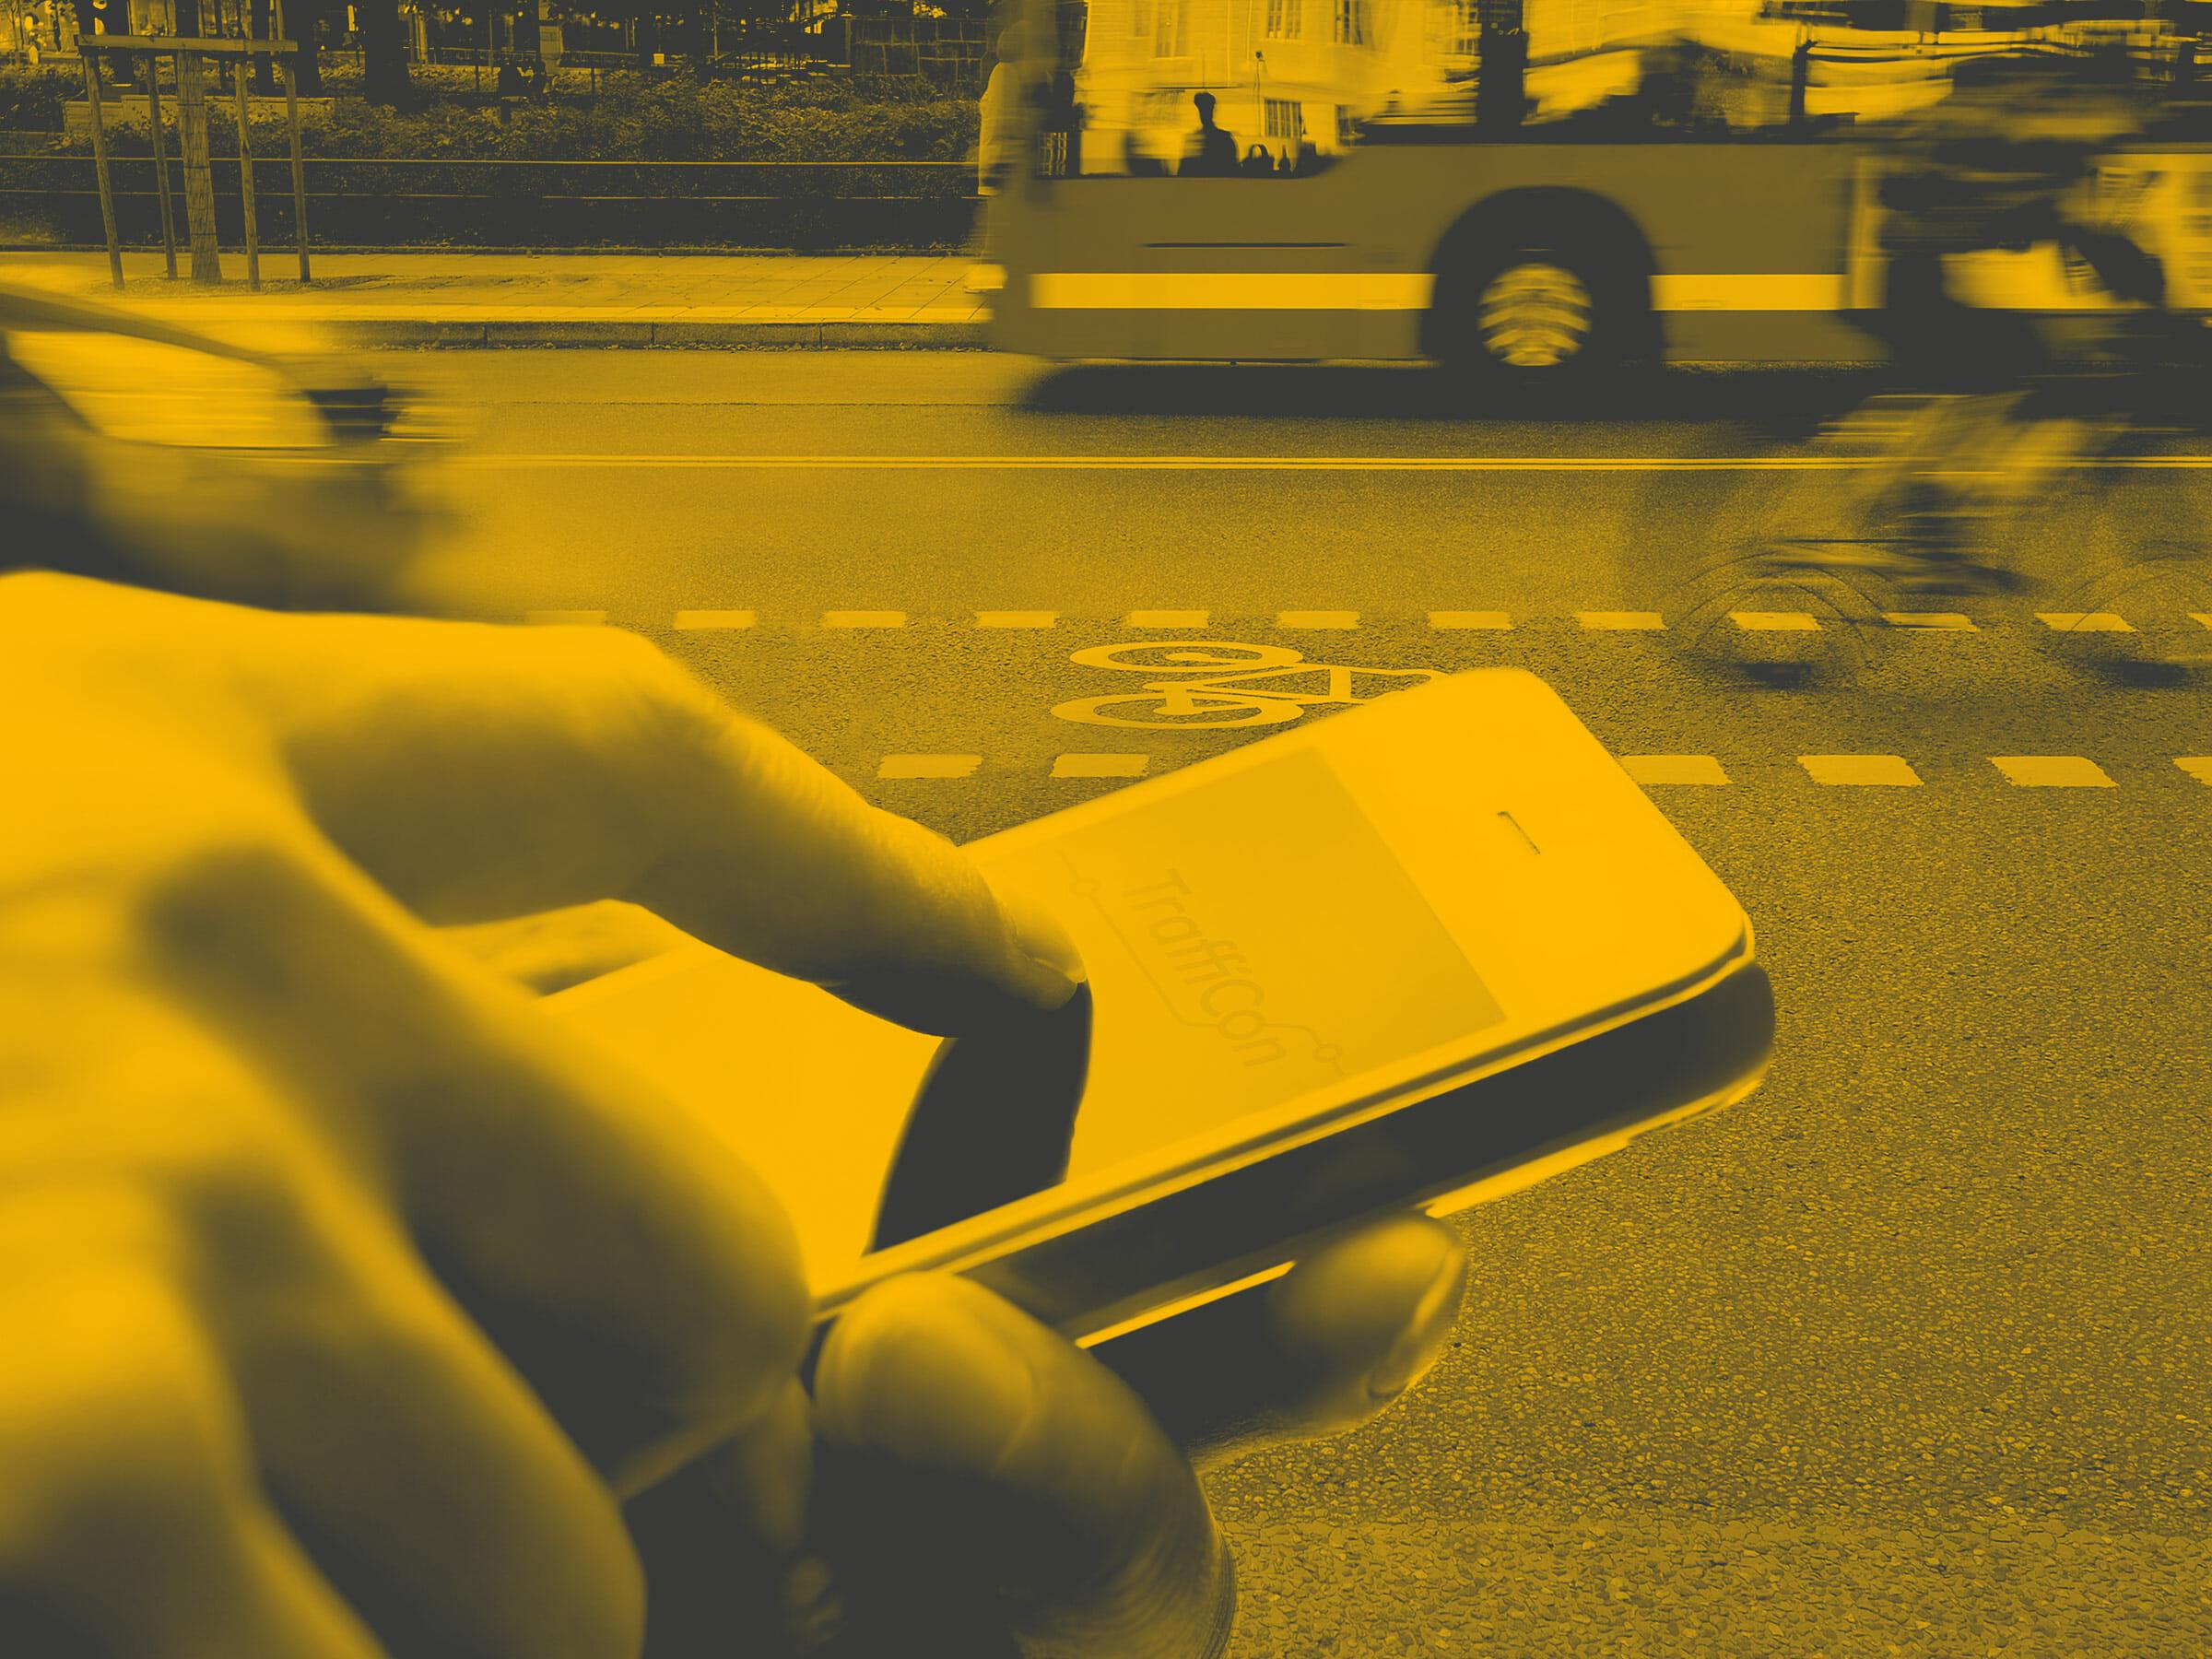 Hand die Smartphone bedient, Straße mit Radfahrer, Auto und Bus im Hintergrund